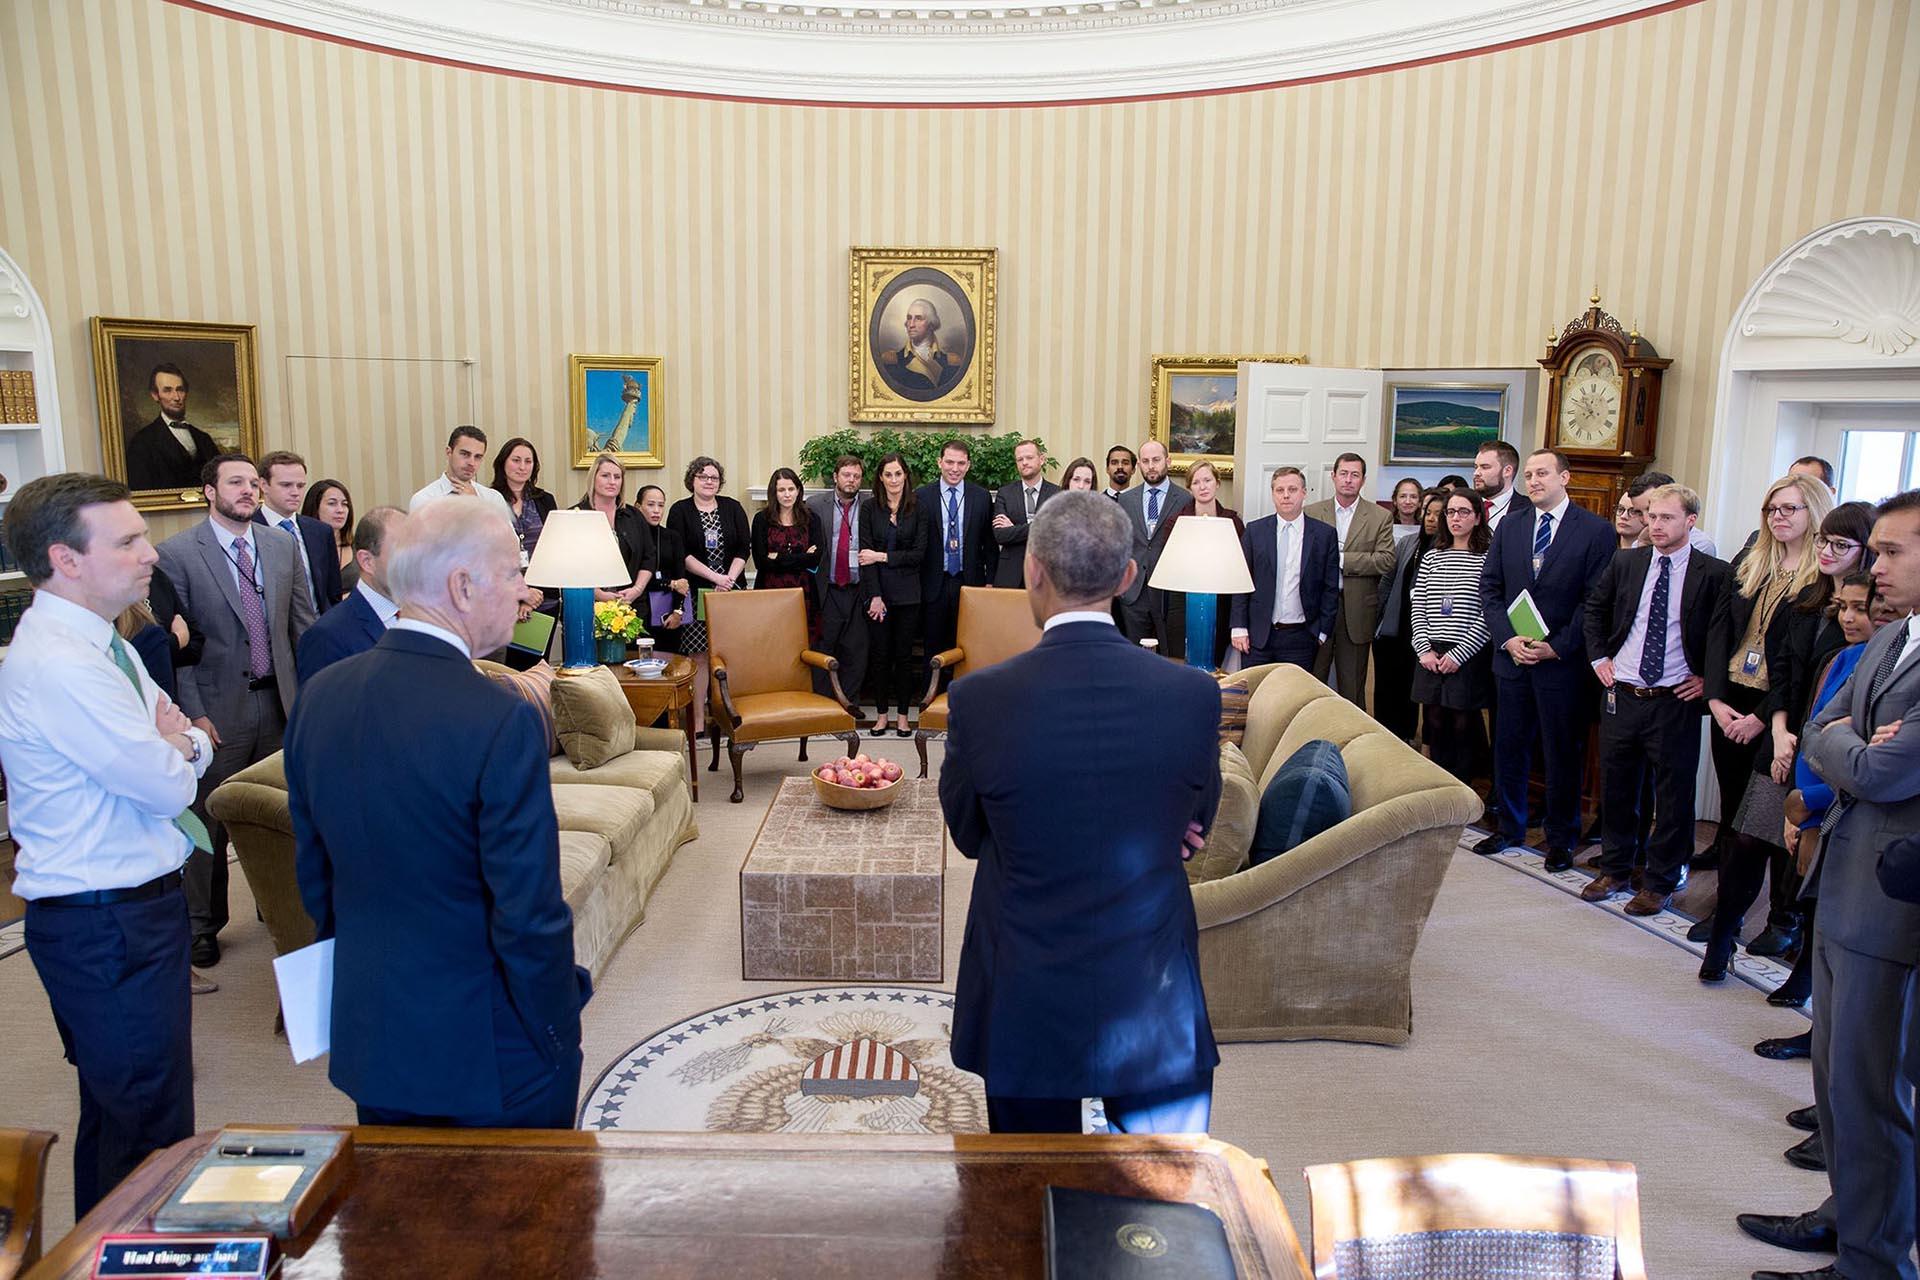 Al día siguiente de la victoria de Donald Trump, el presidente le habló a su staff en su despacho